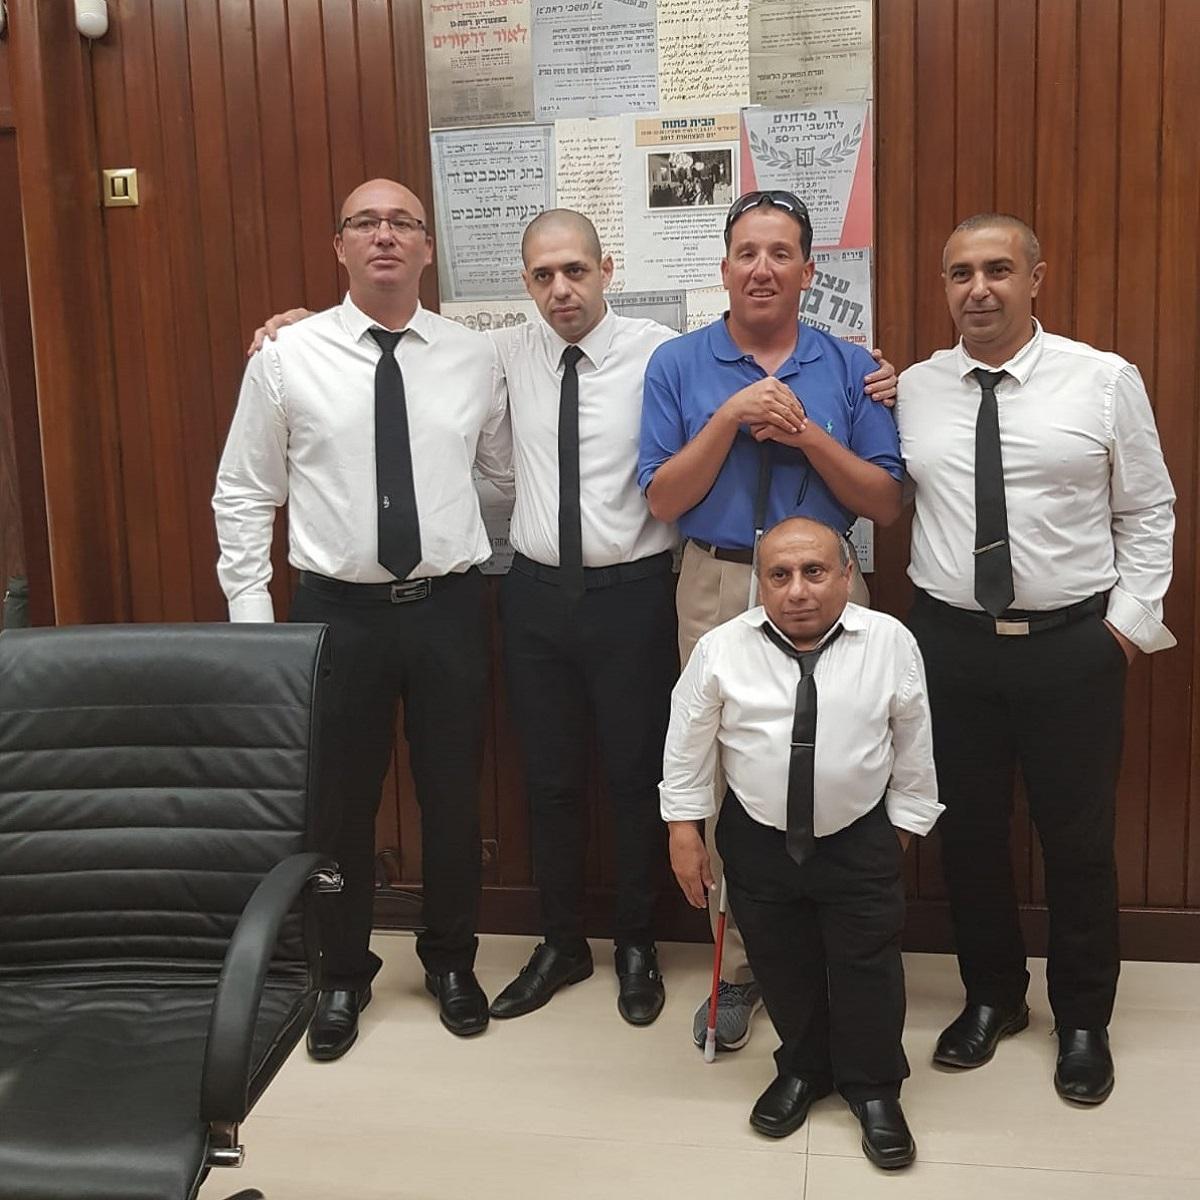 הצוות המקצועי של מרכז הזכויות עם השופט ריצרד ברנשטיין